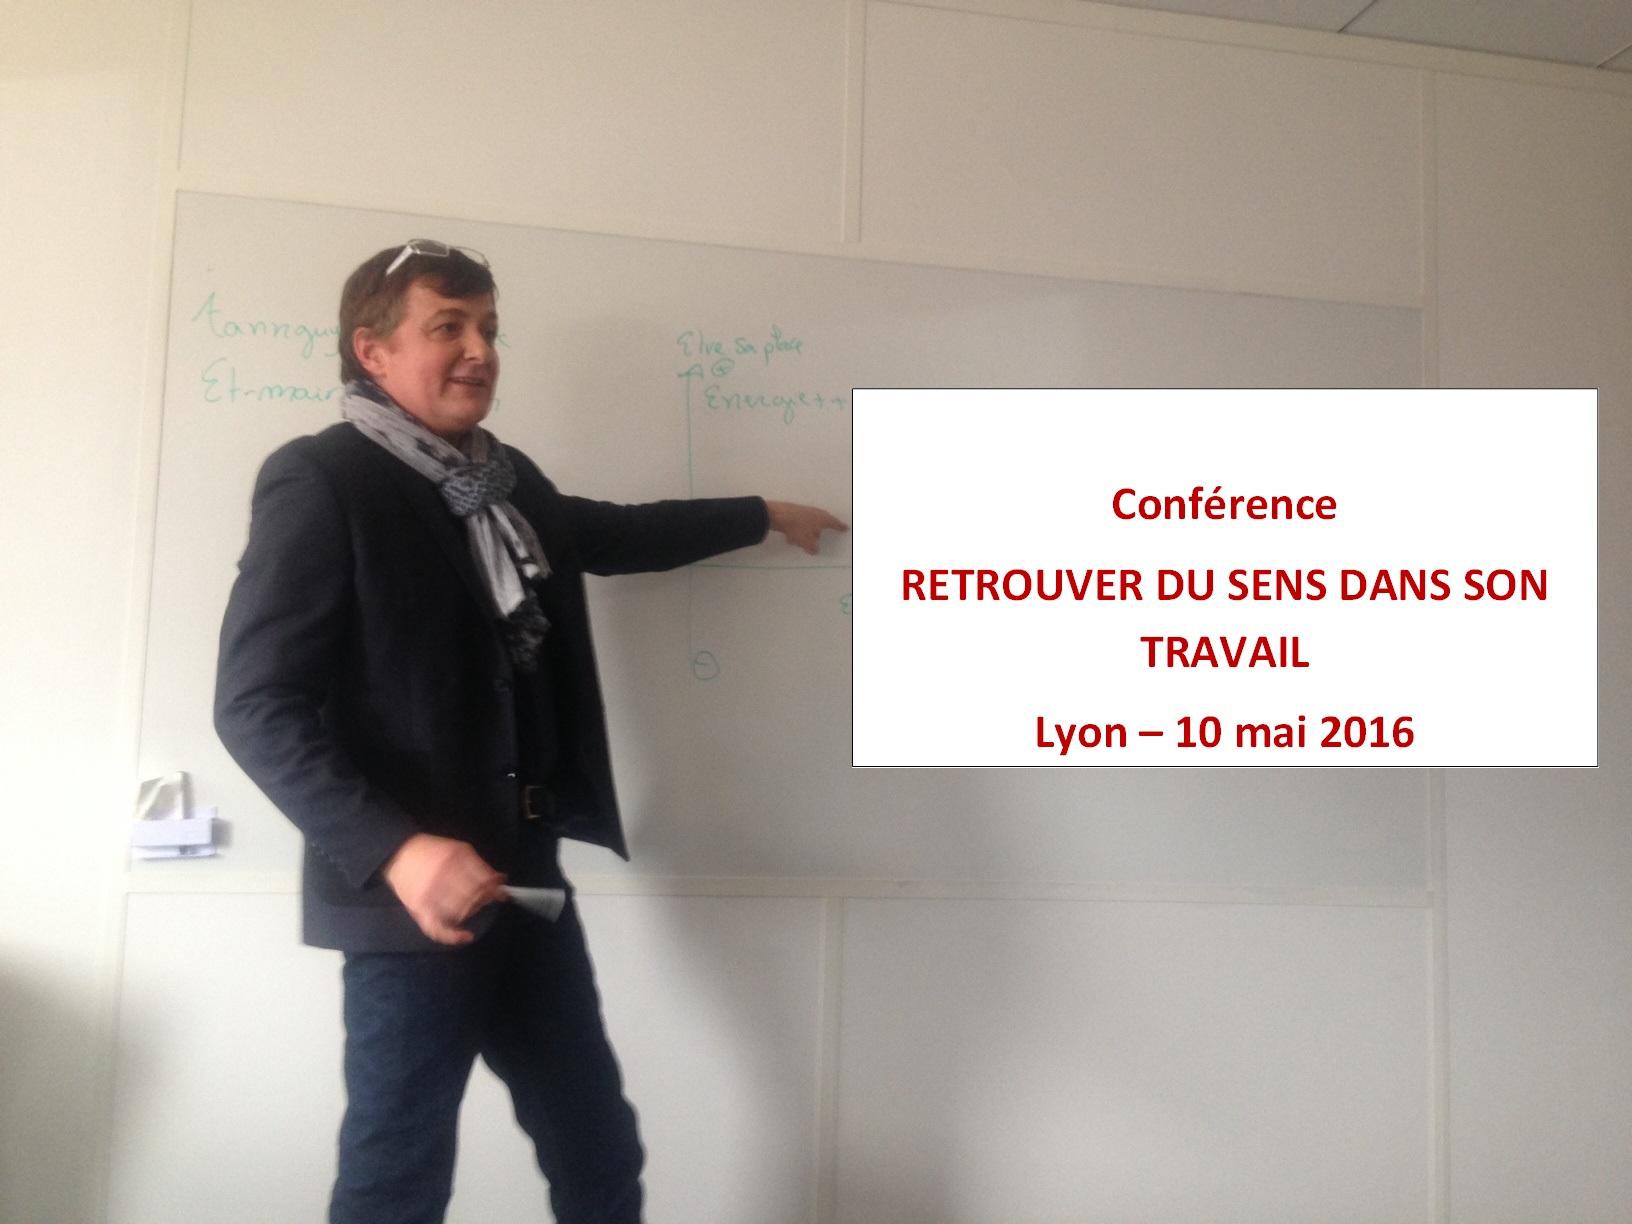 Conférence : RETROUVER DU SENS AU TRAVAIL